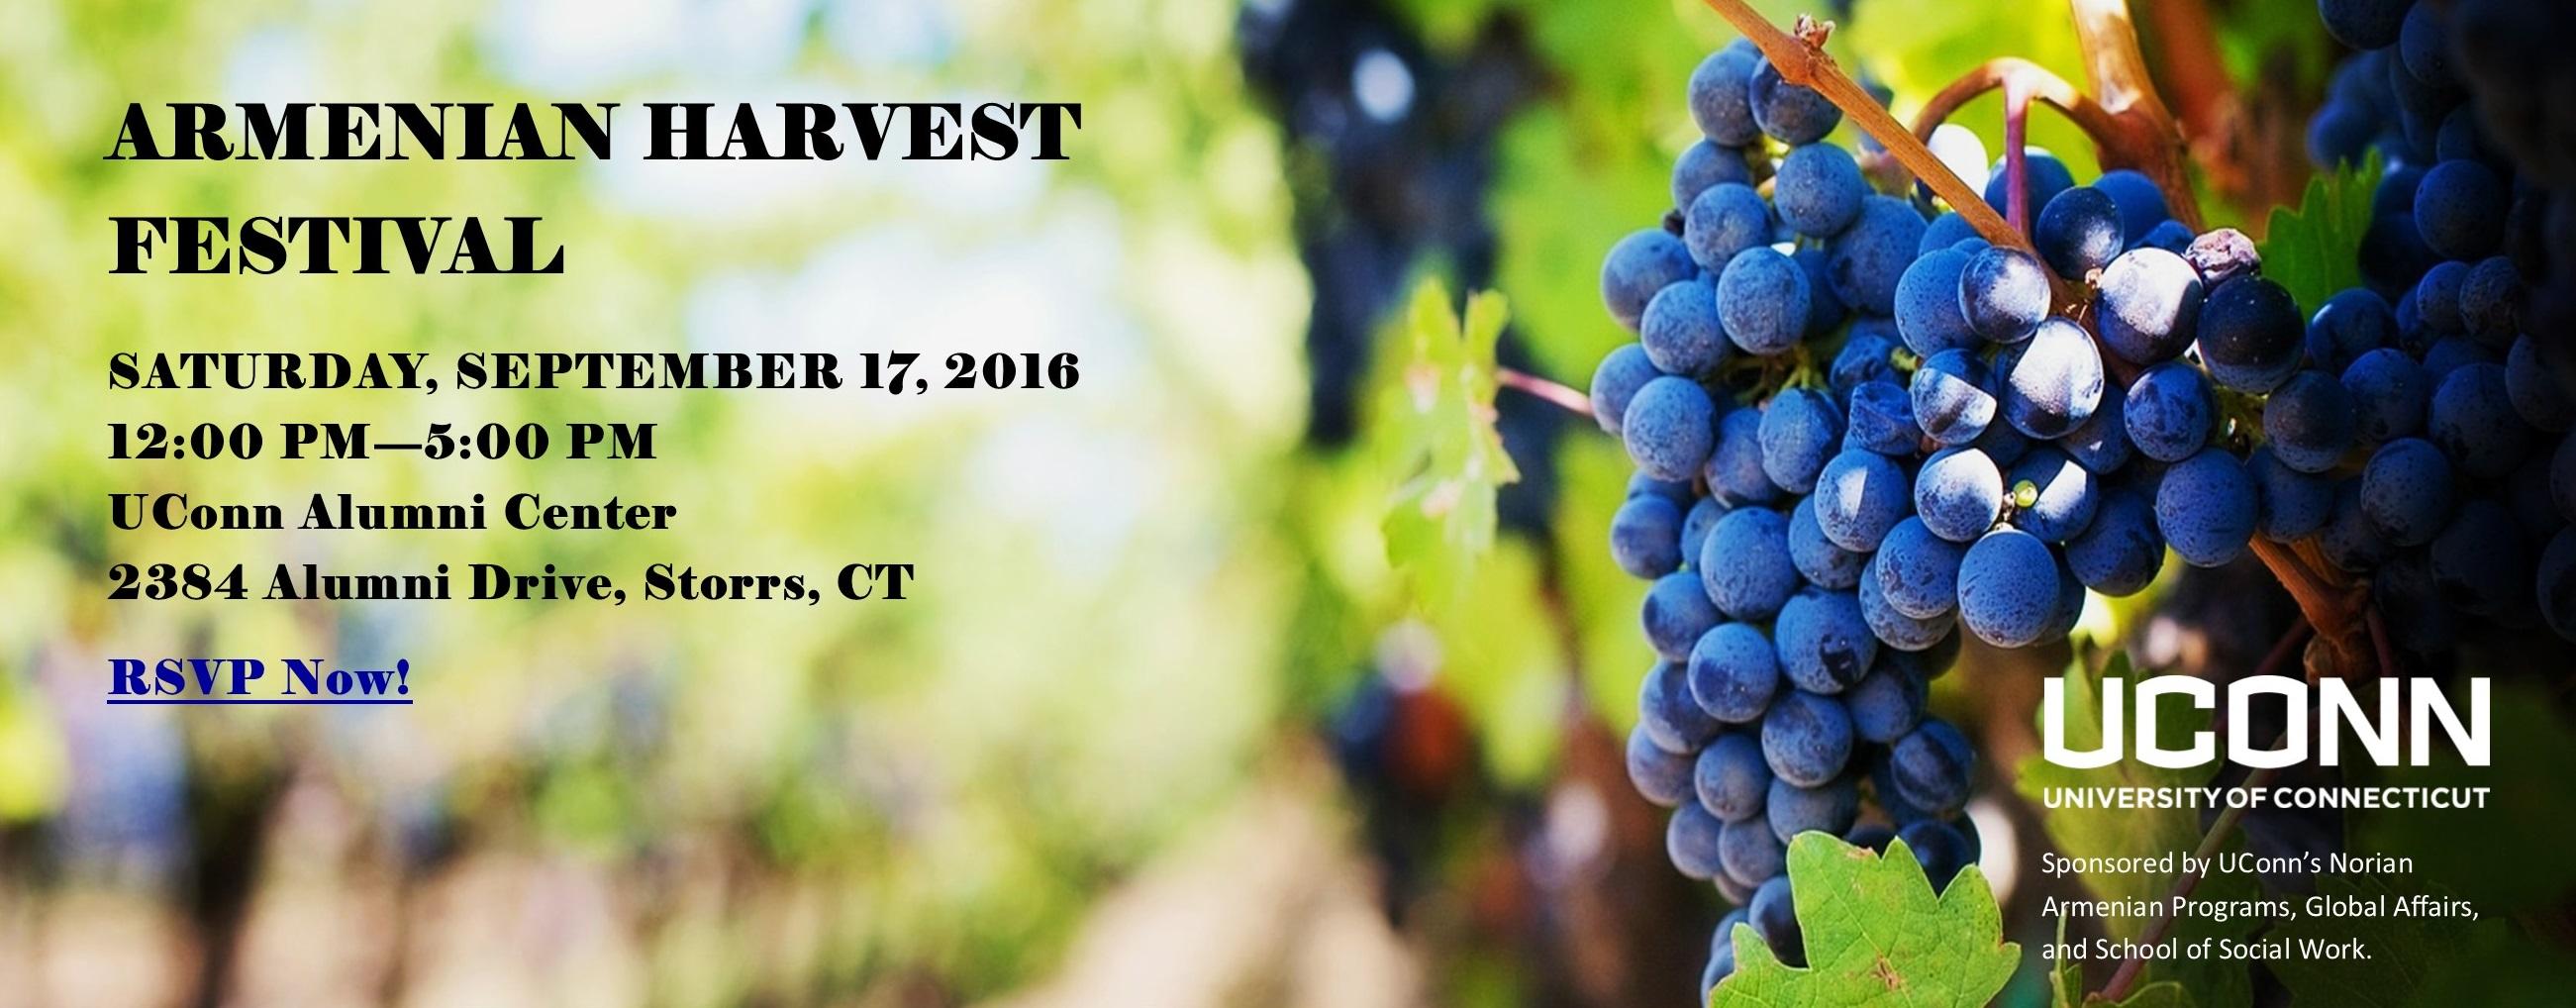 09.17.2016 Armenian Harvest Festival poster